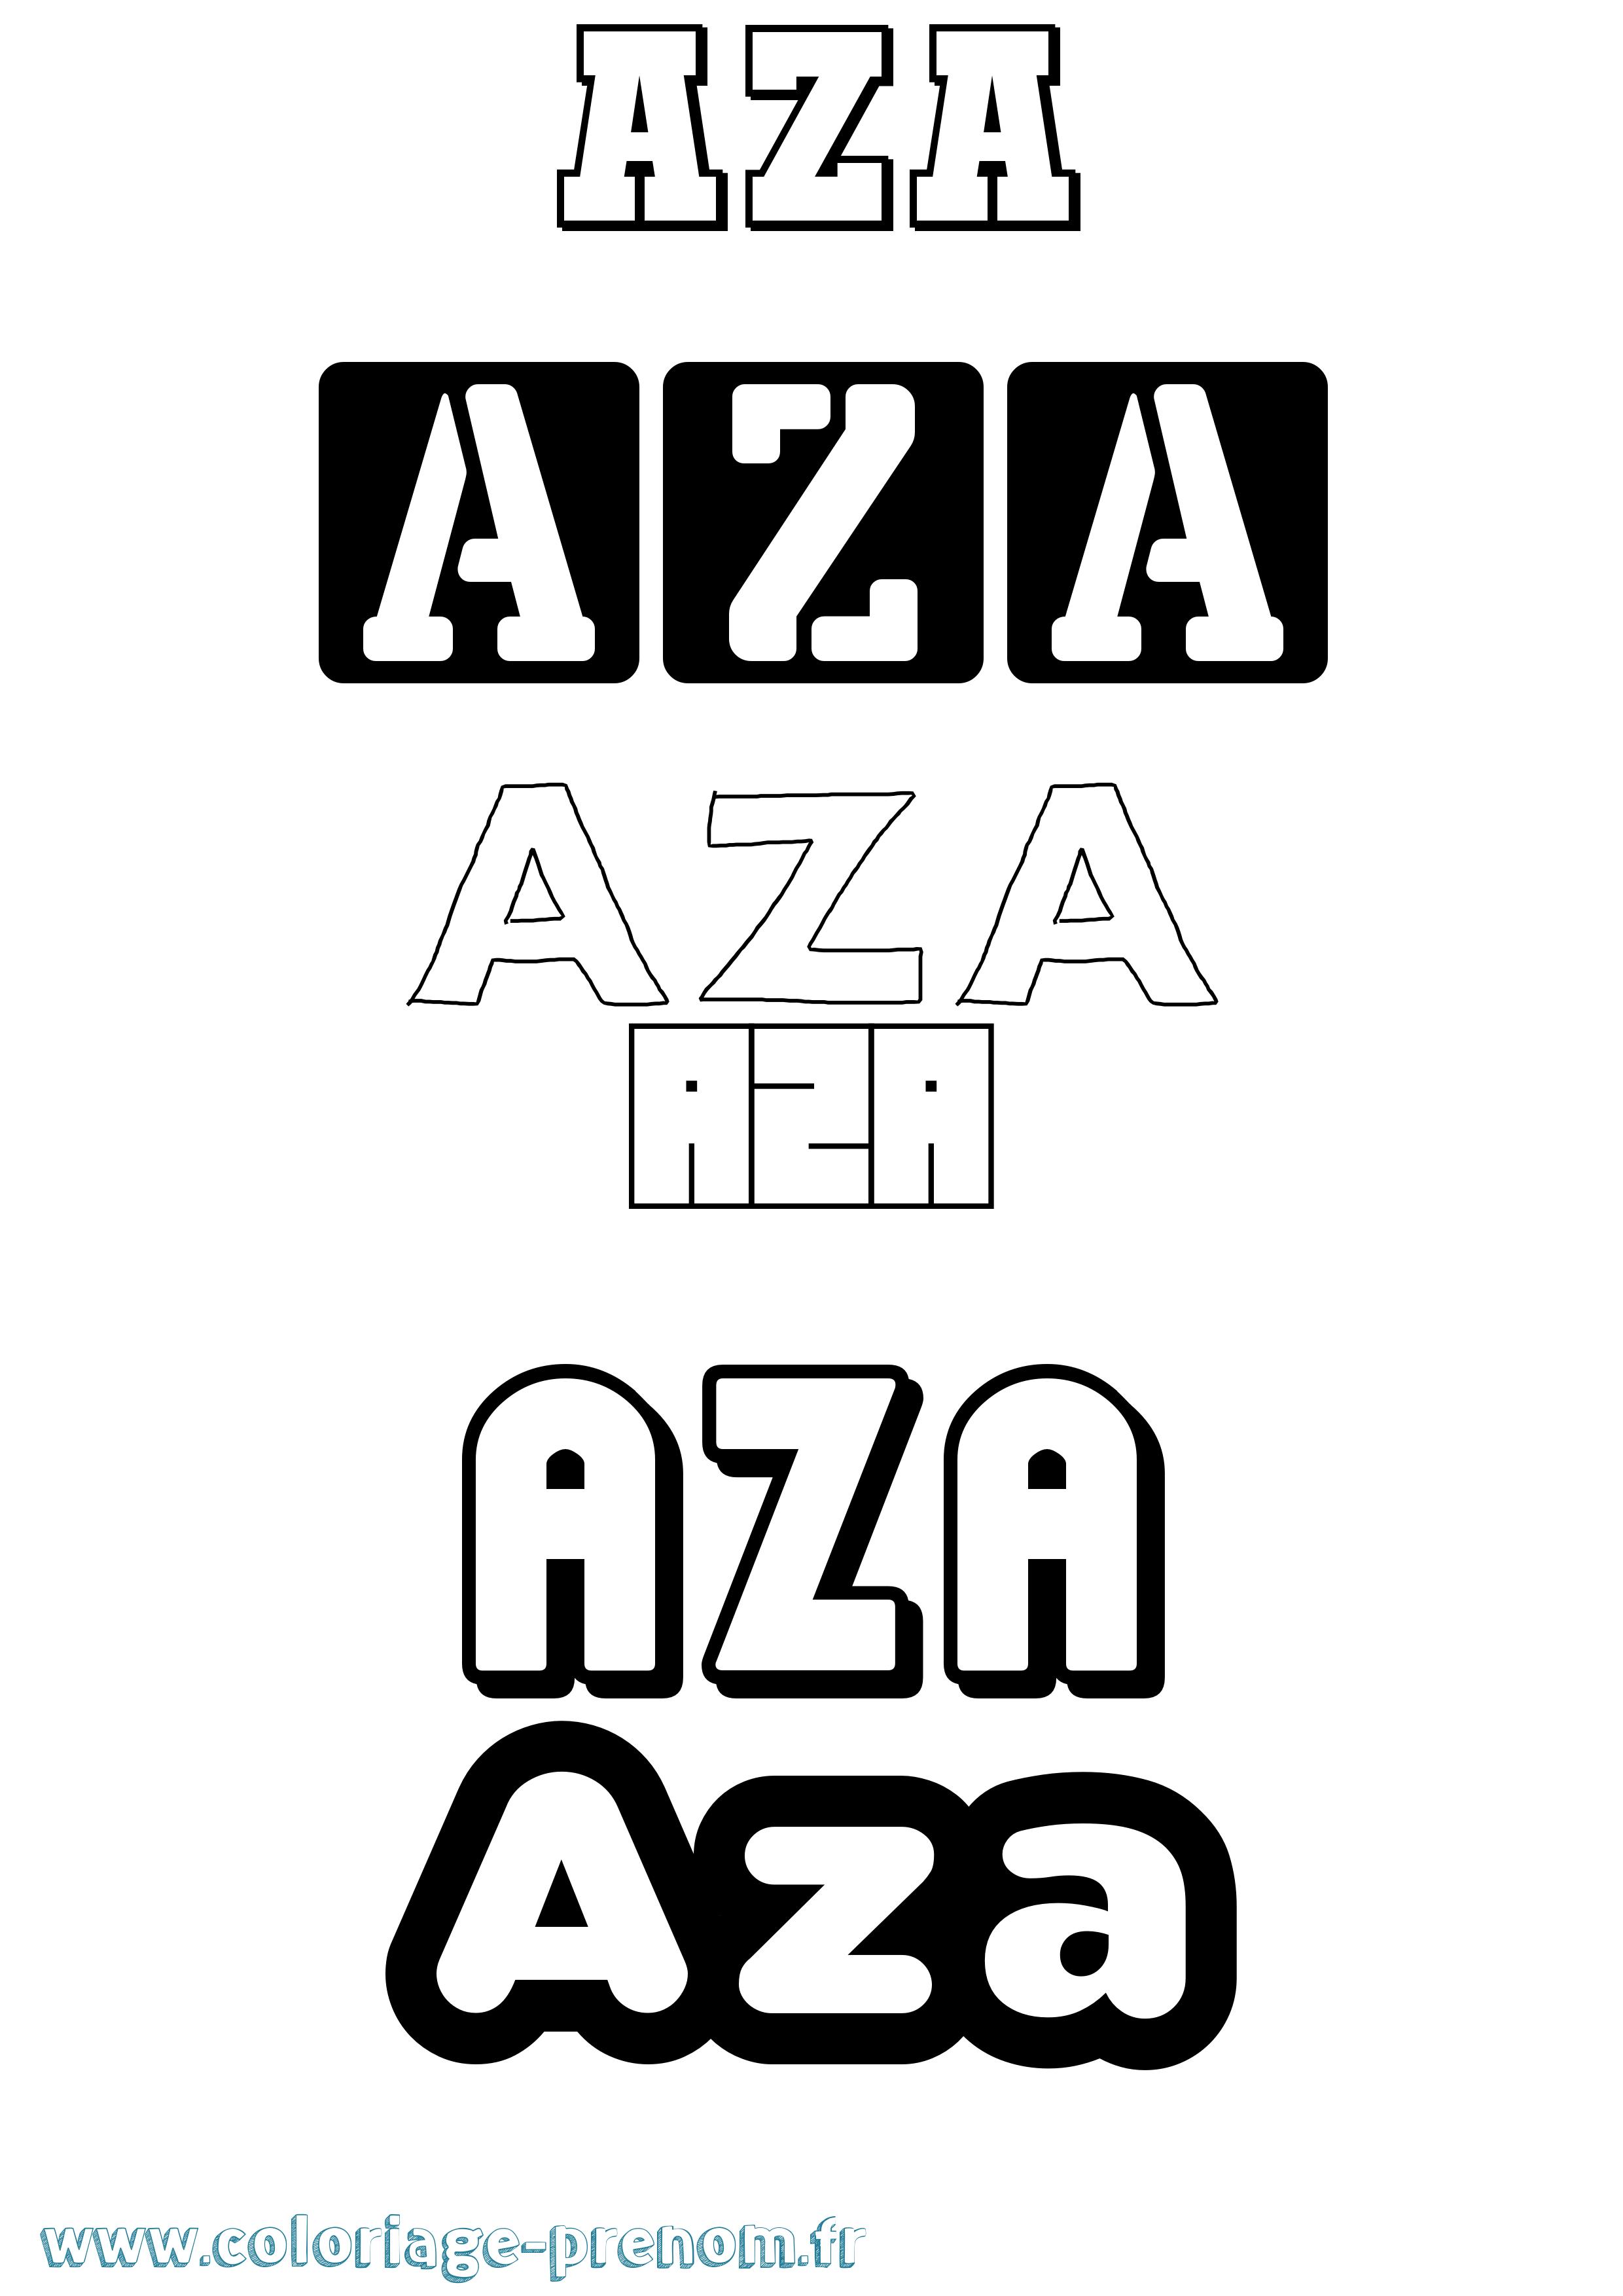 coloriage du prénom aza : à imprimer ou télécharger facilement